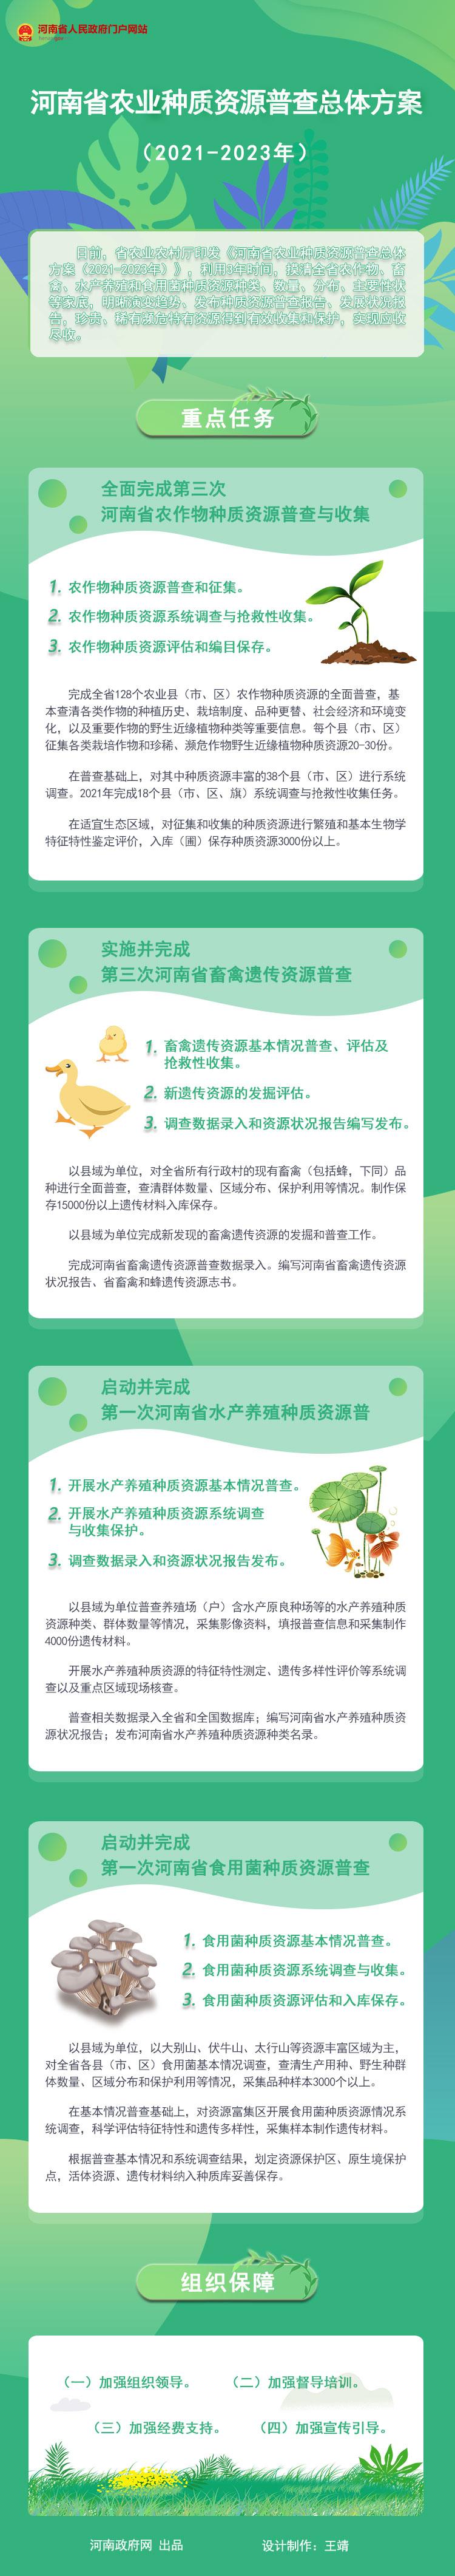 图解:河南省农业种质资源普查总体方案